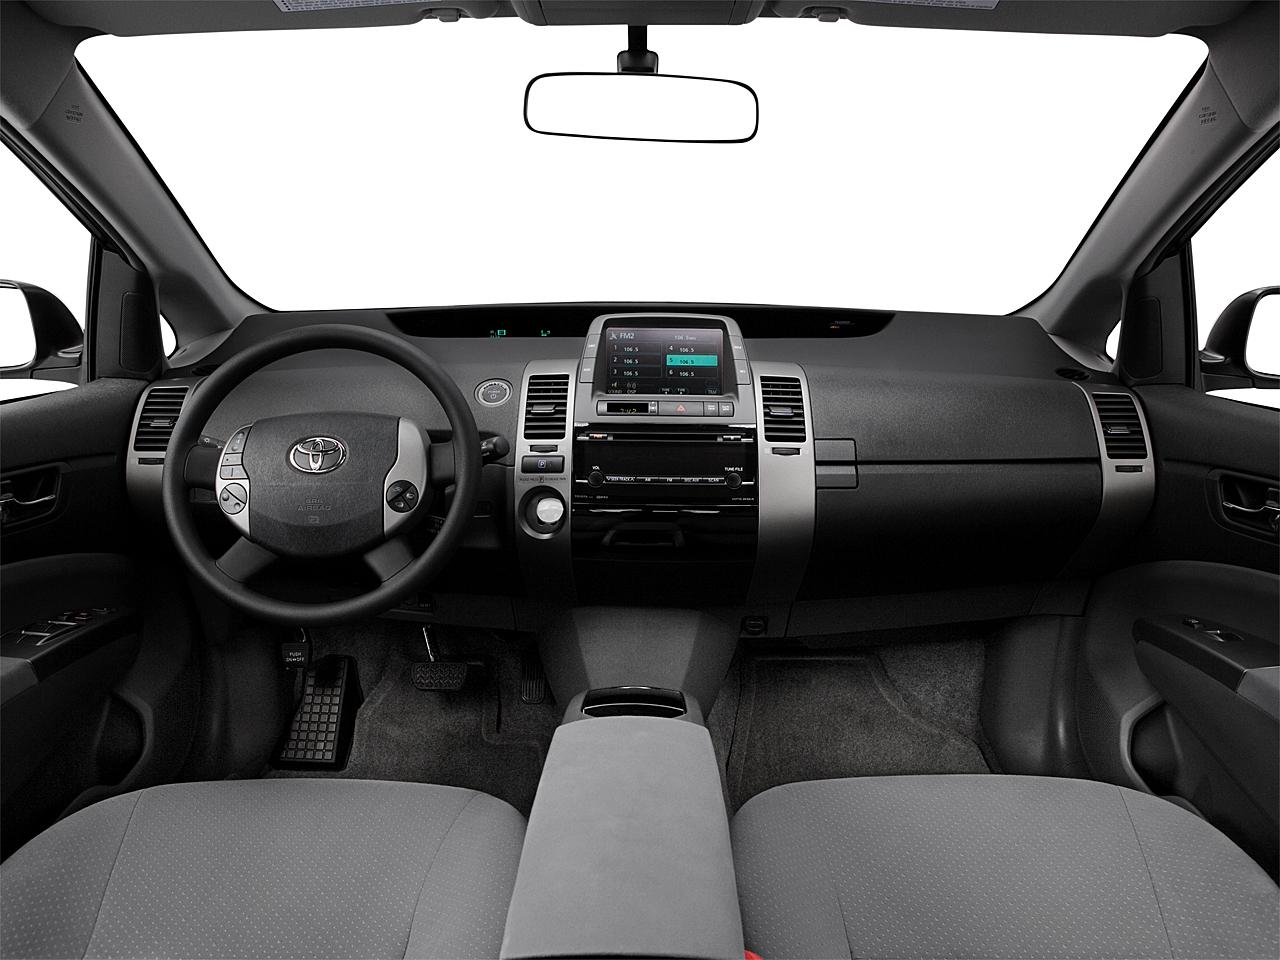 2008 toyota prius standard 4dr hatchback research groovecar. Black Bedroom Furniture Sets. Home Design Ideas